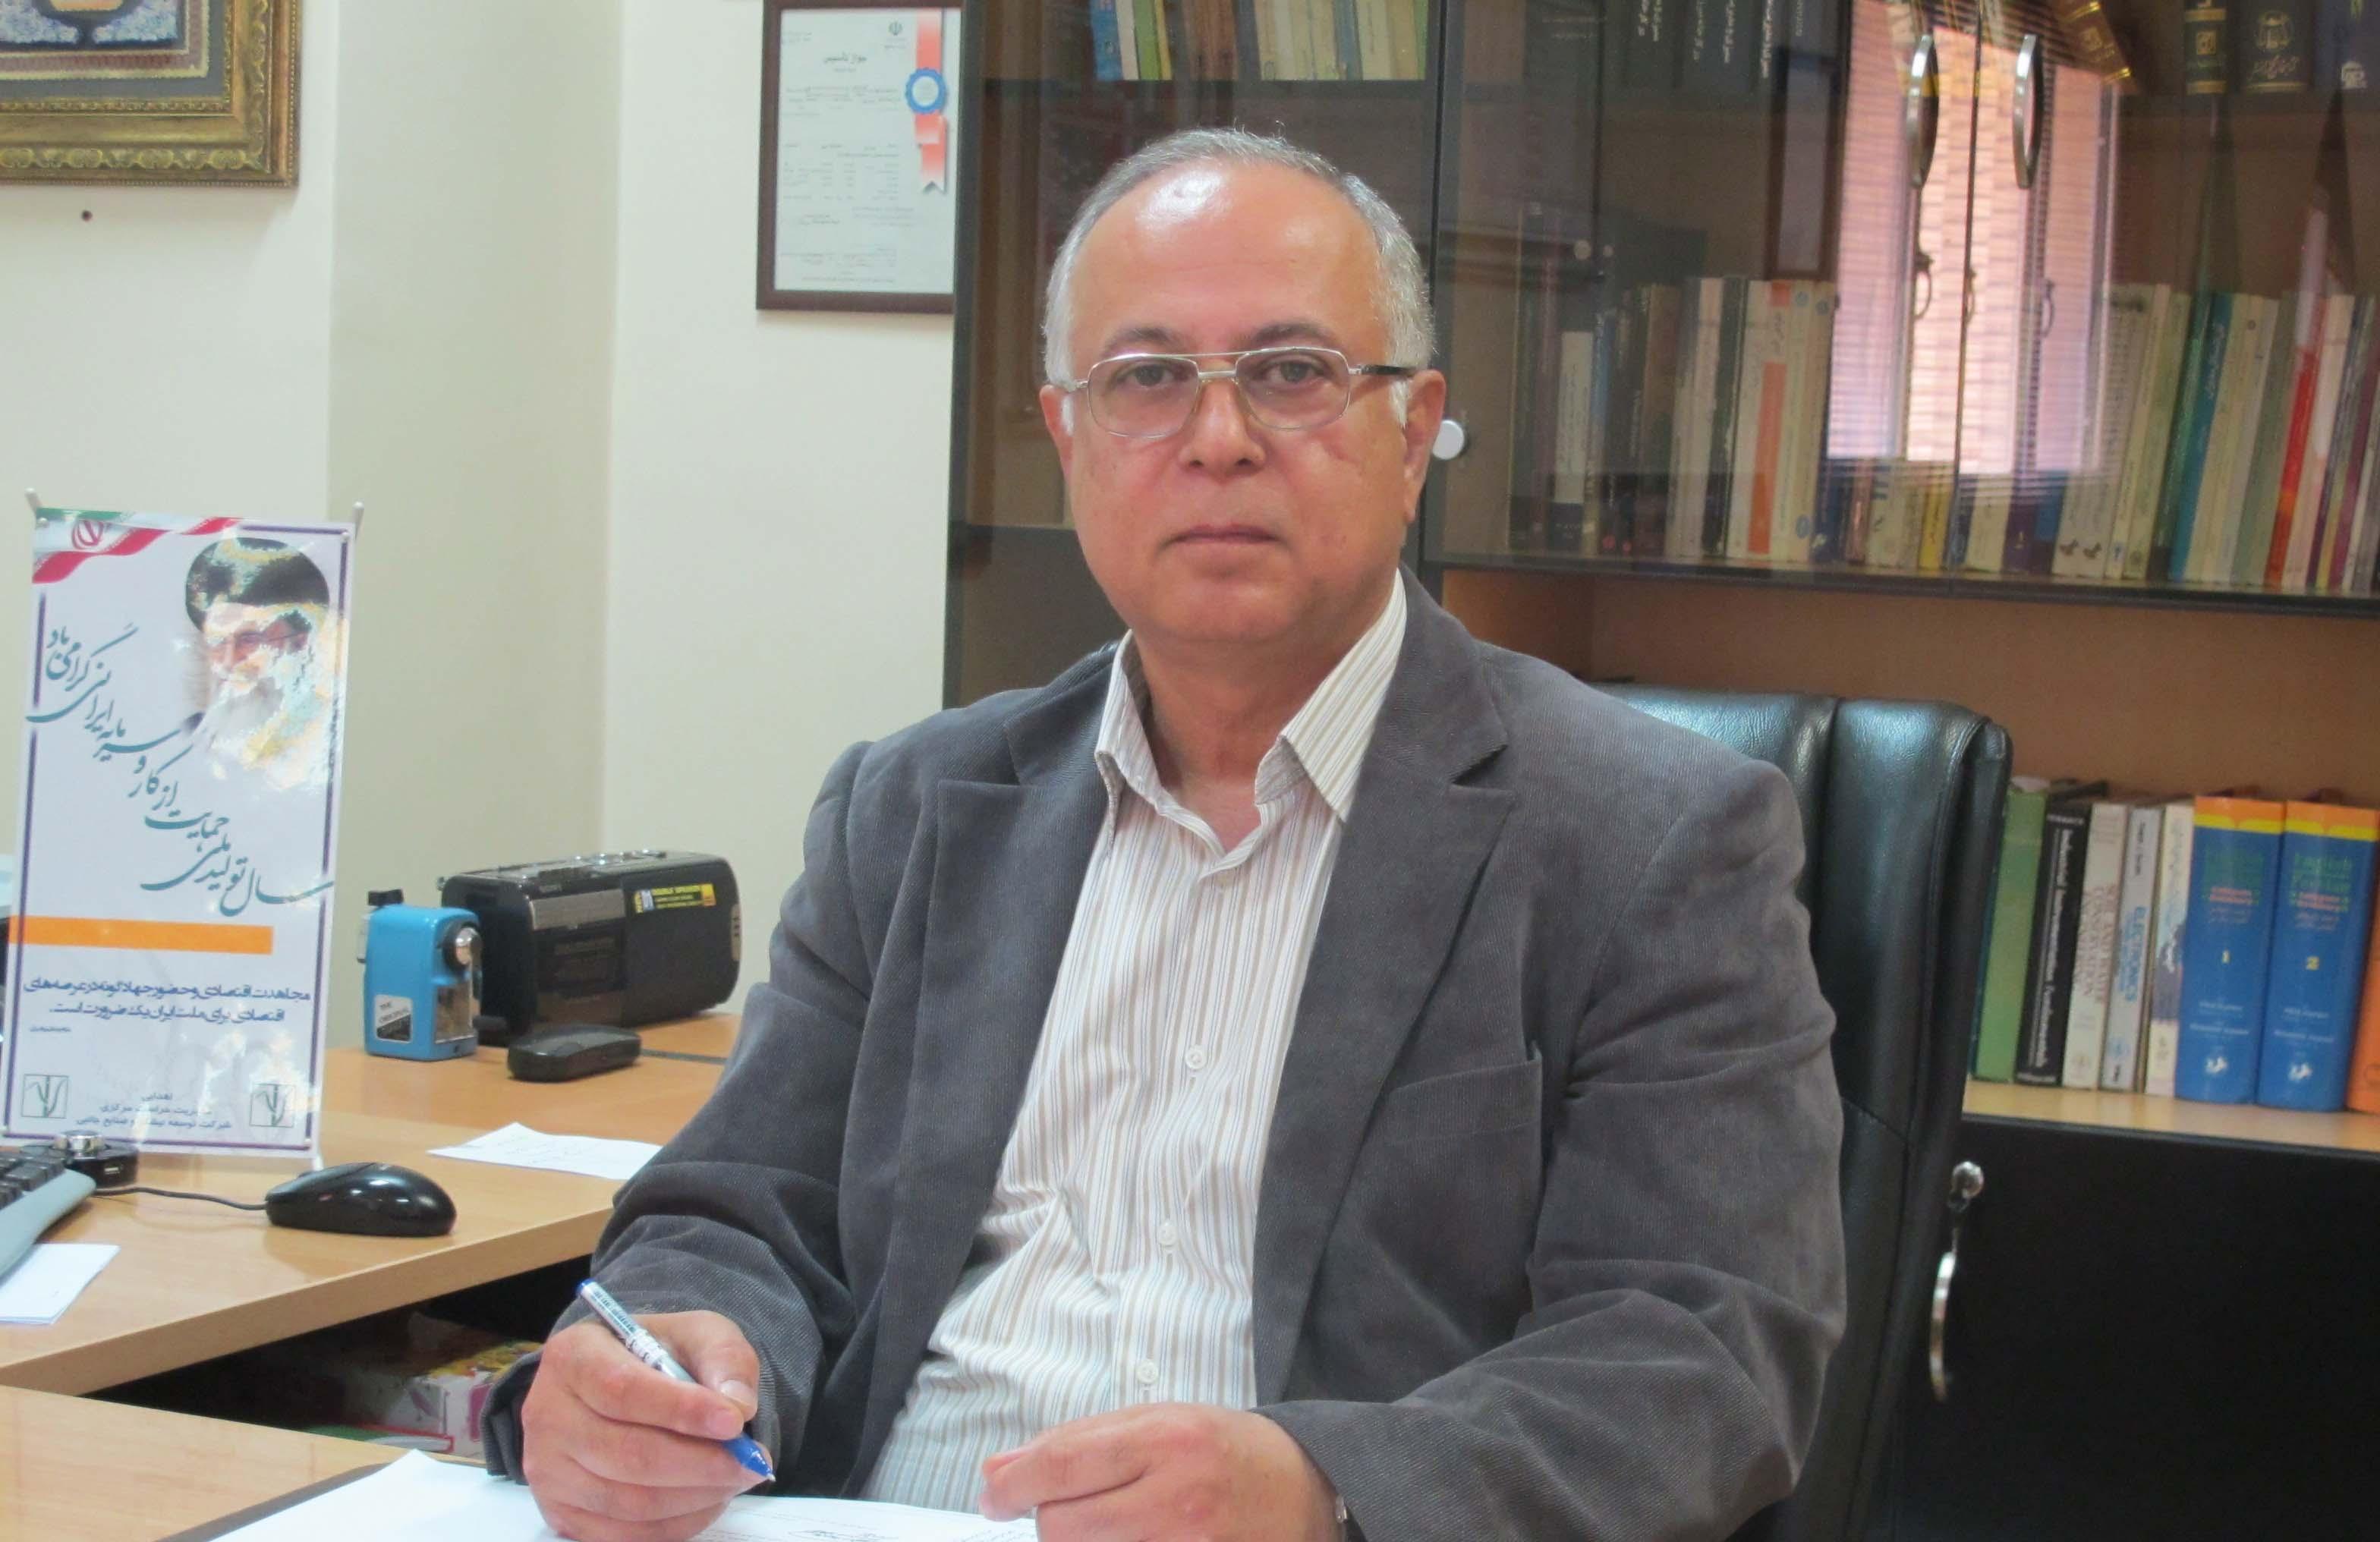 در صورت عدم تامین آب نیشکر ، بحران اشتغال در خوزستان و کمبود شکر در کشور ایجاد می شود